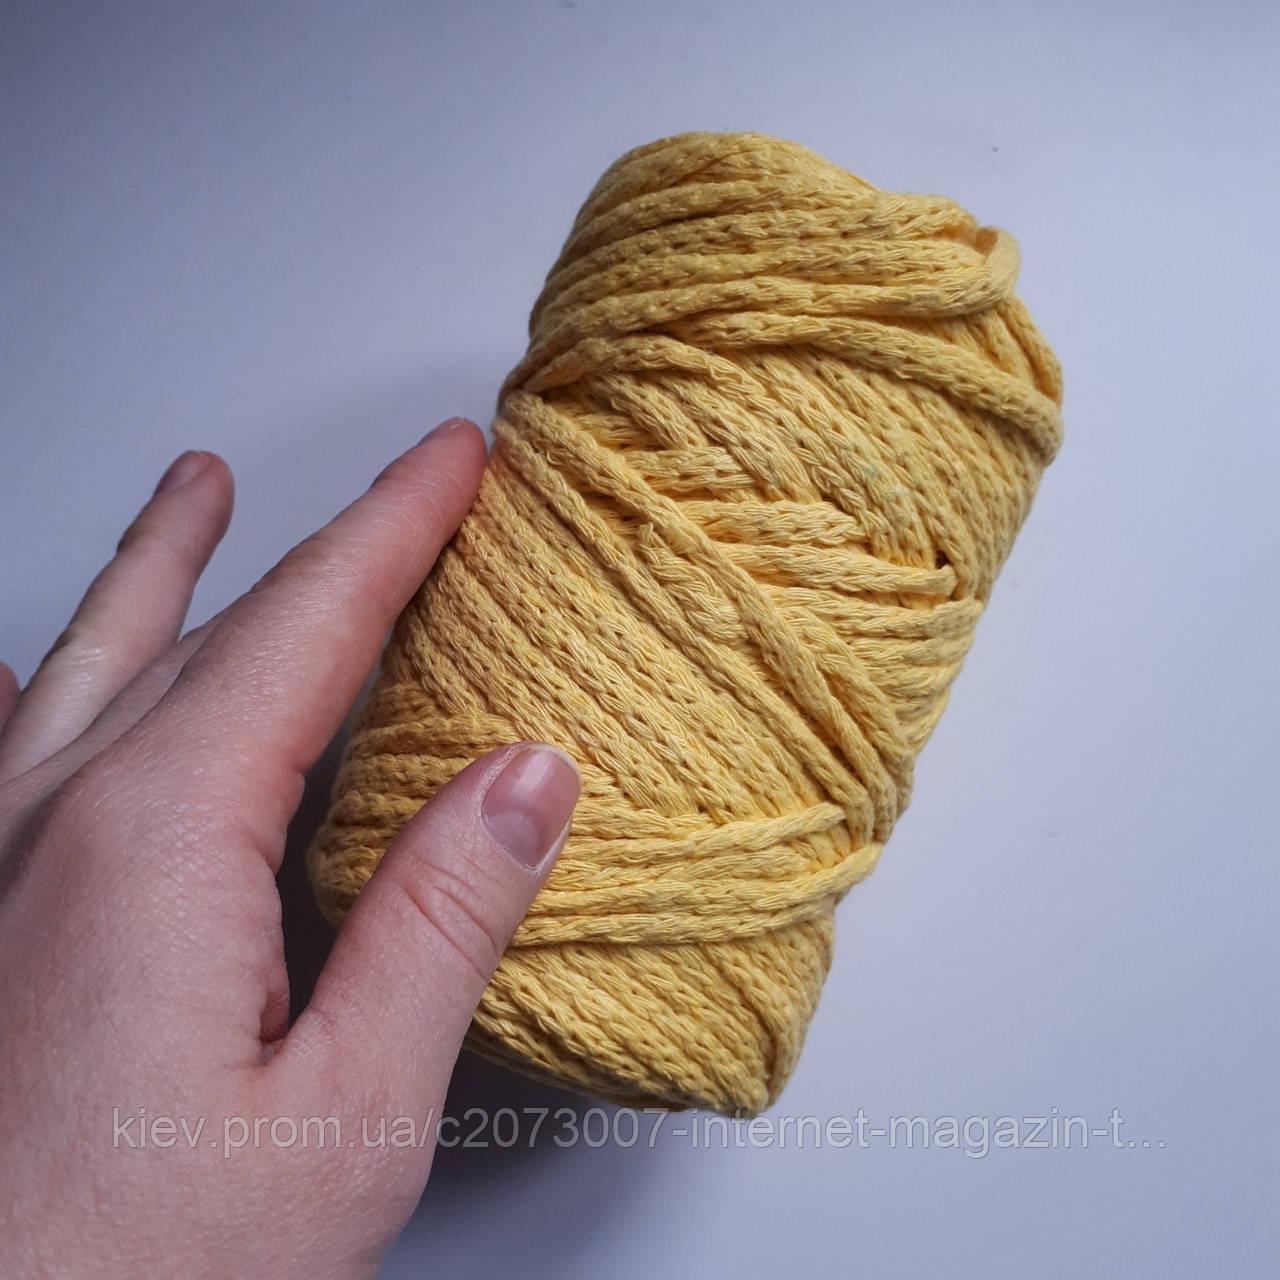 в наличии шнур хлопковый толстый для макраме и вязания желтый 80 м